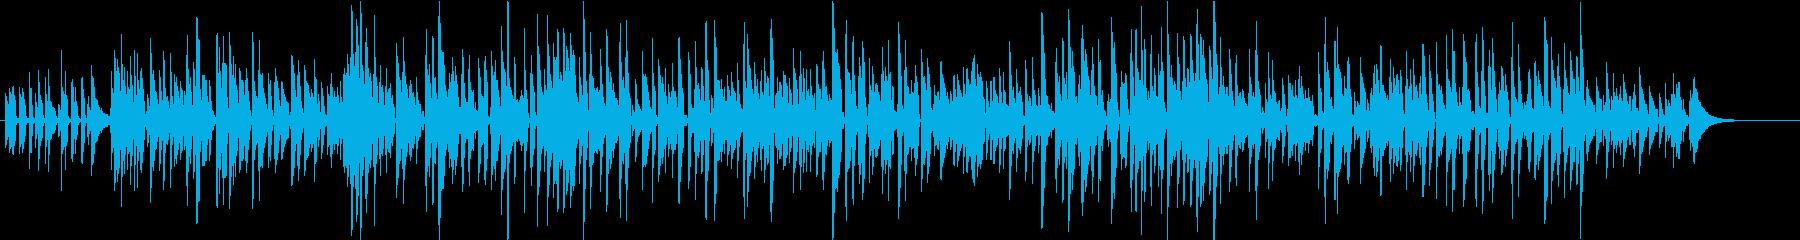 爽やかで少し切ないボサノバの再生済みの波形